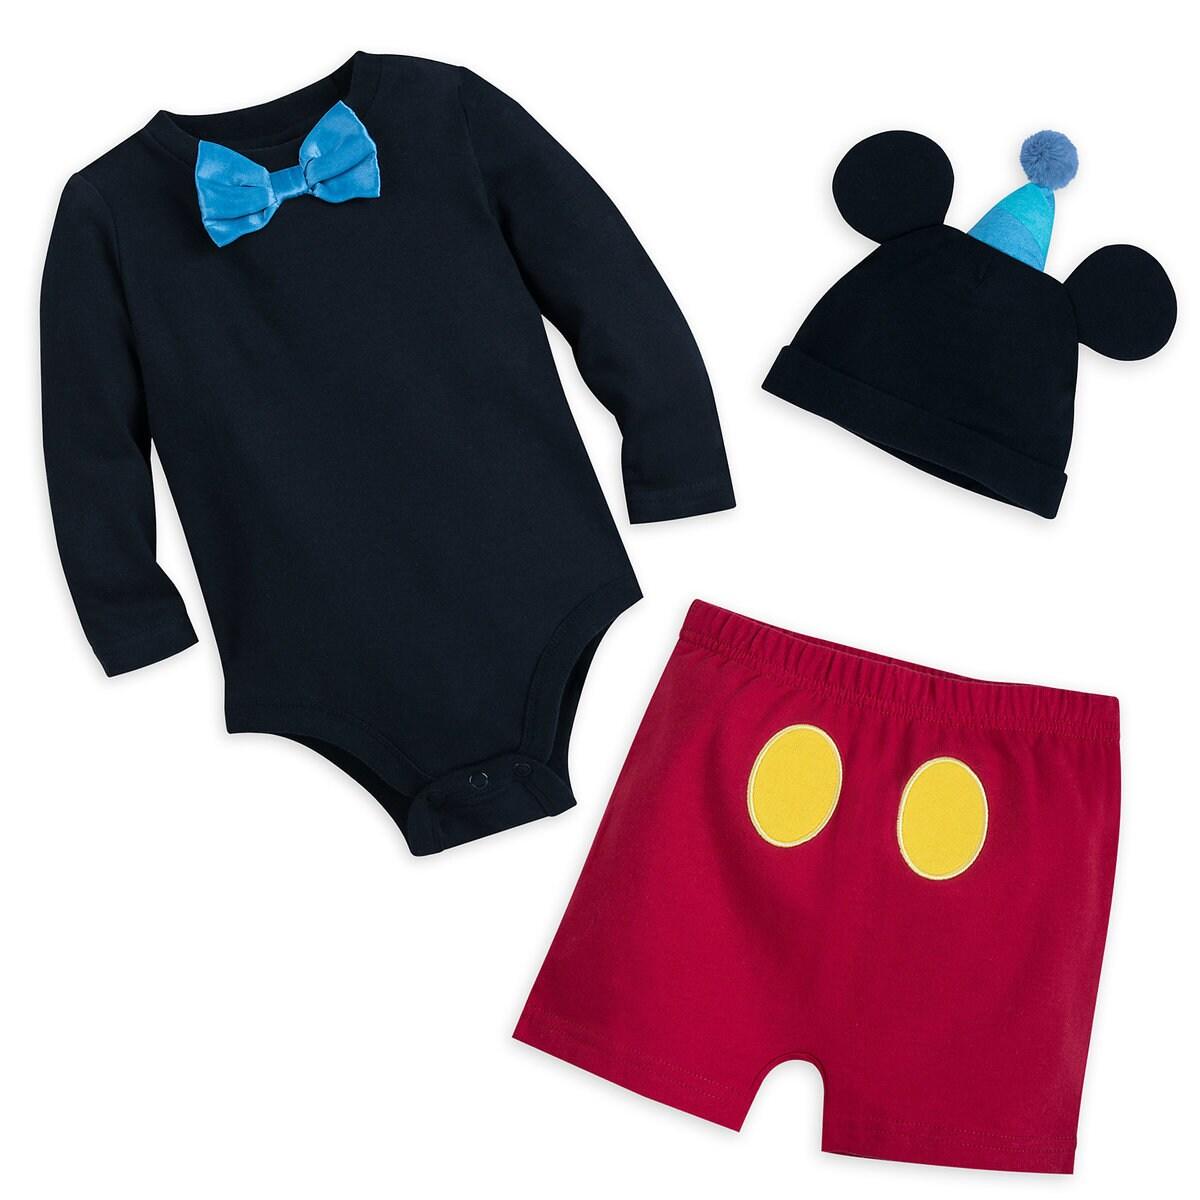 47ac37c33 Product Image of Mickey Mouse Tuxedo Bodysuit Set for Baby - Walt Disney  World # 1